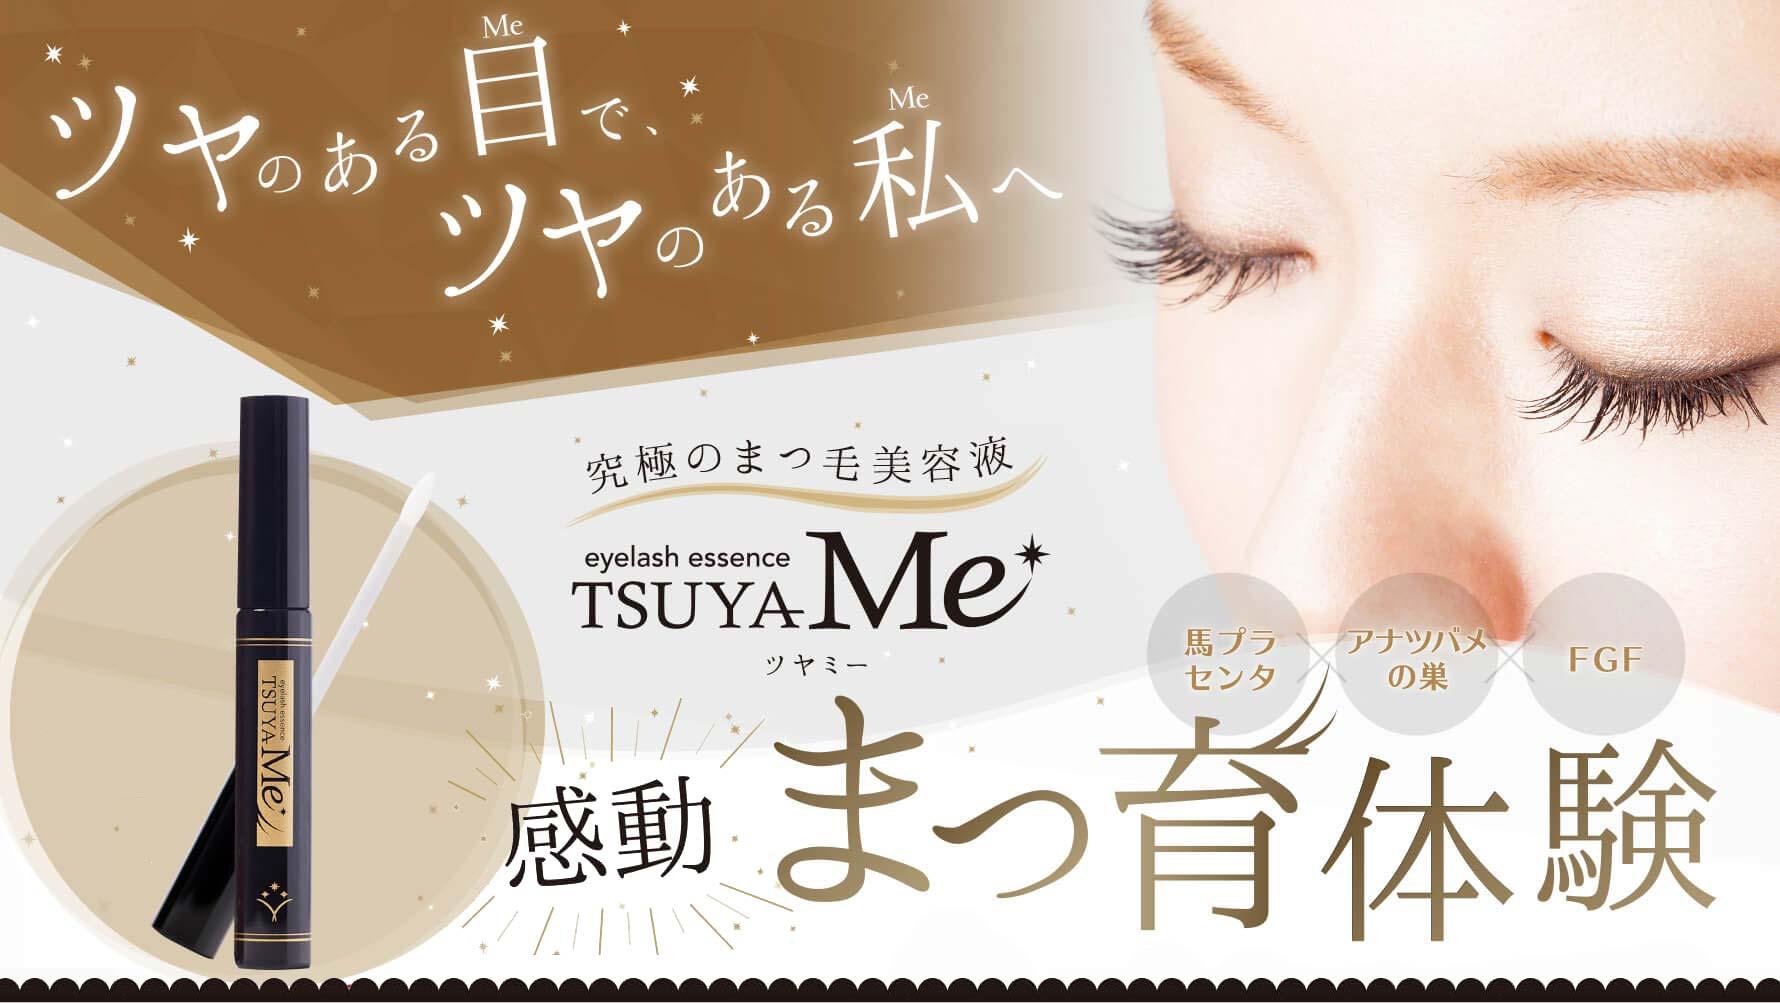 ツヤのある目でツヤのある私へ 究極のまつ毛美容液TSUYA-Me(ツヤミー)感動のまつ育体験